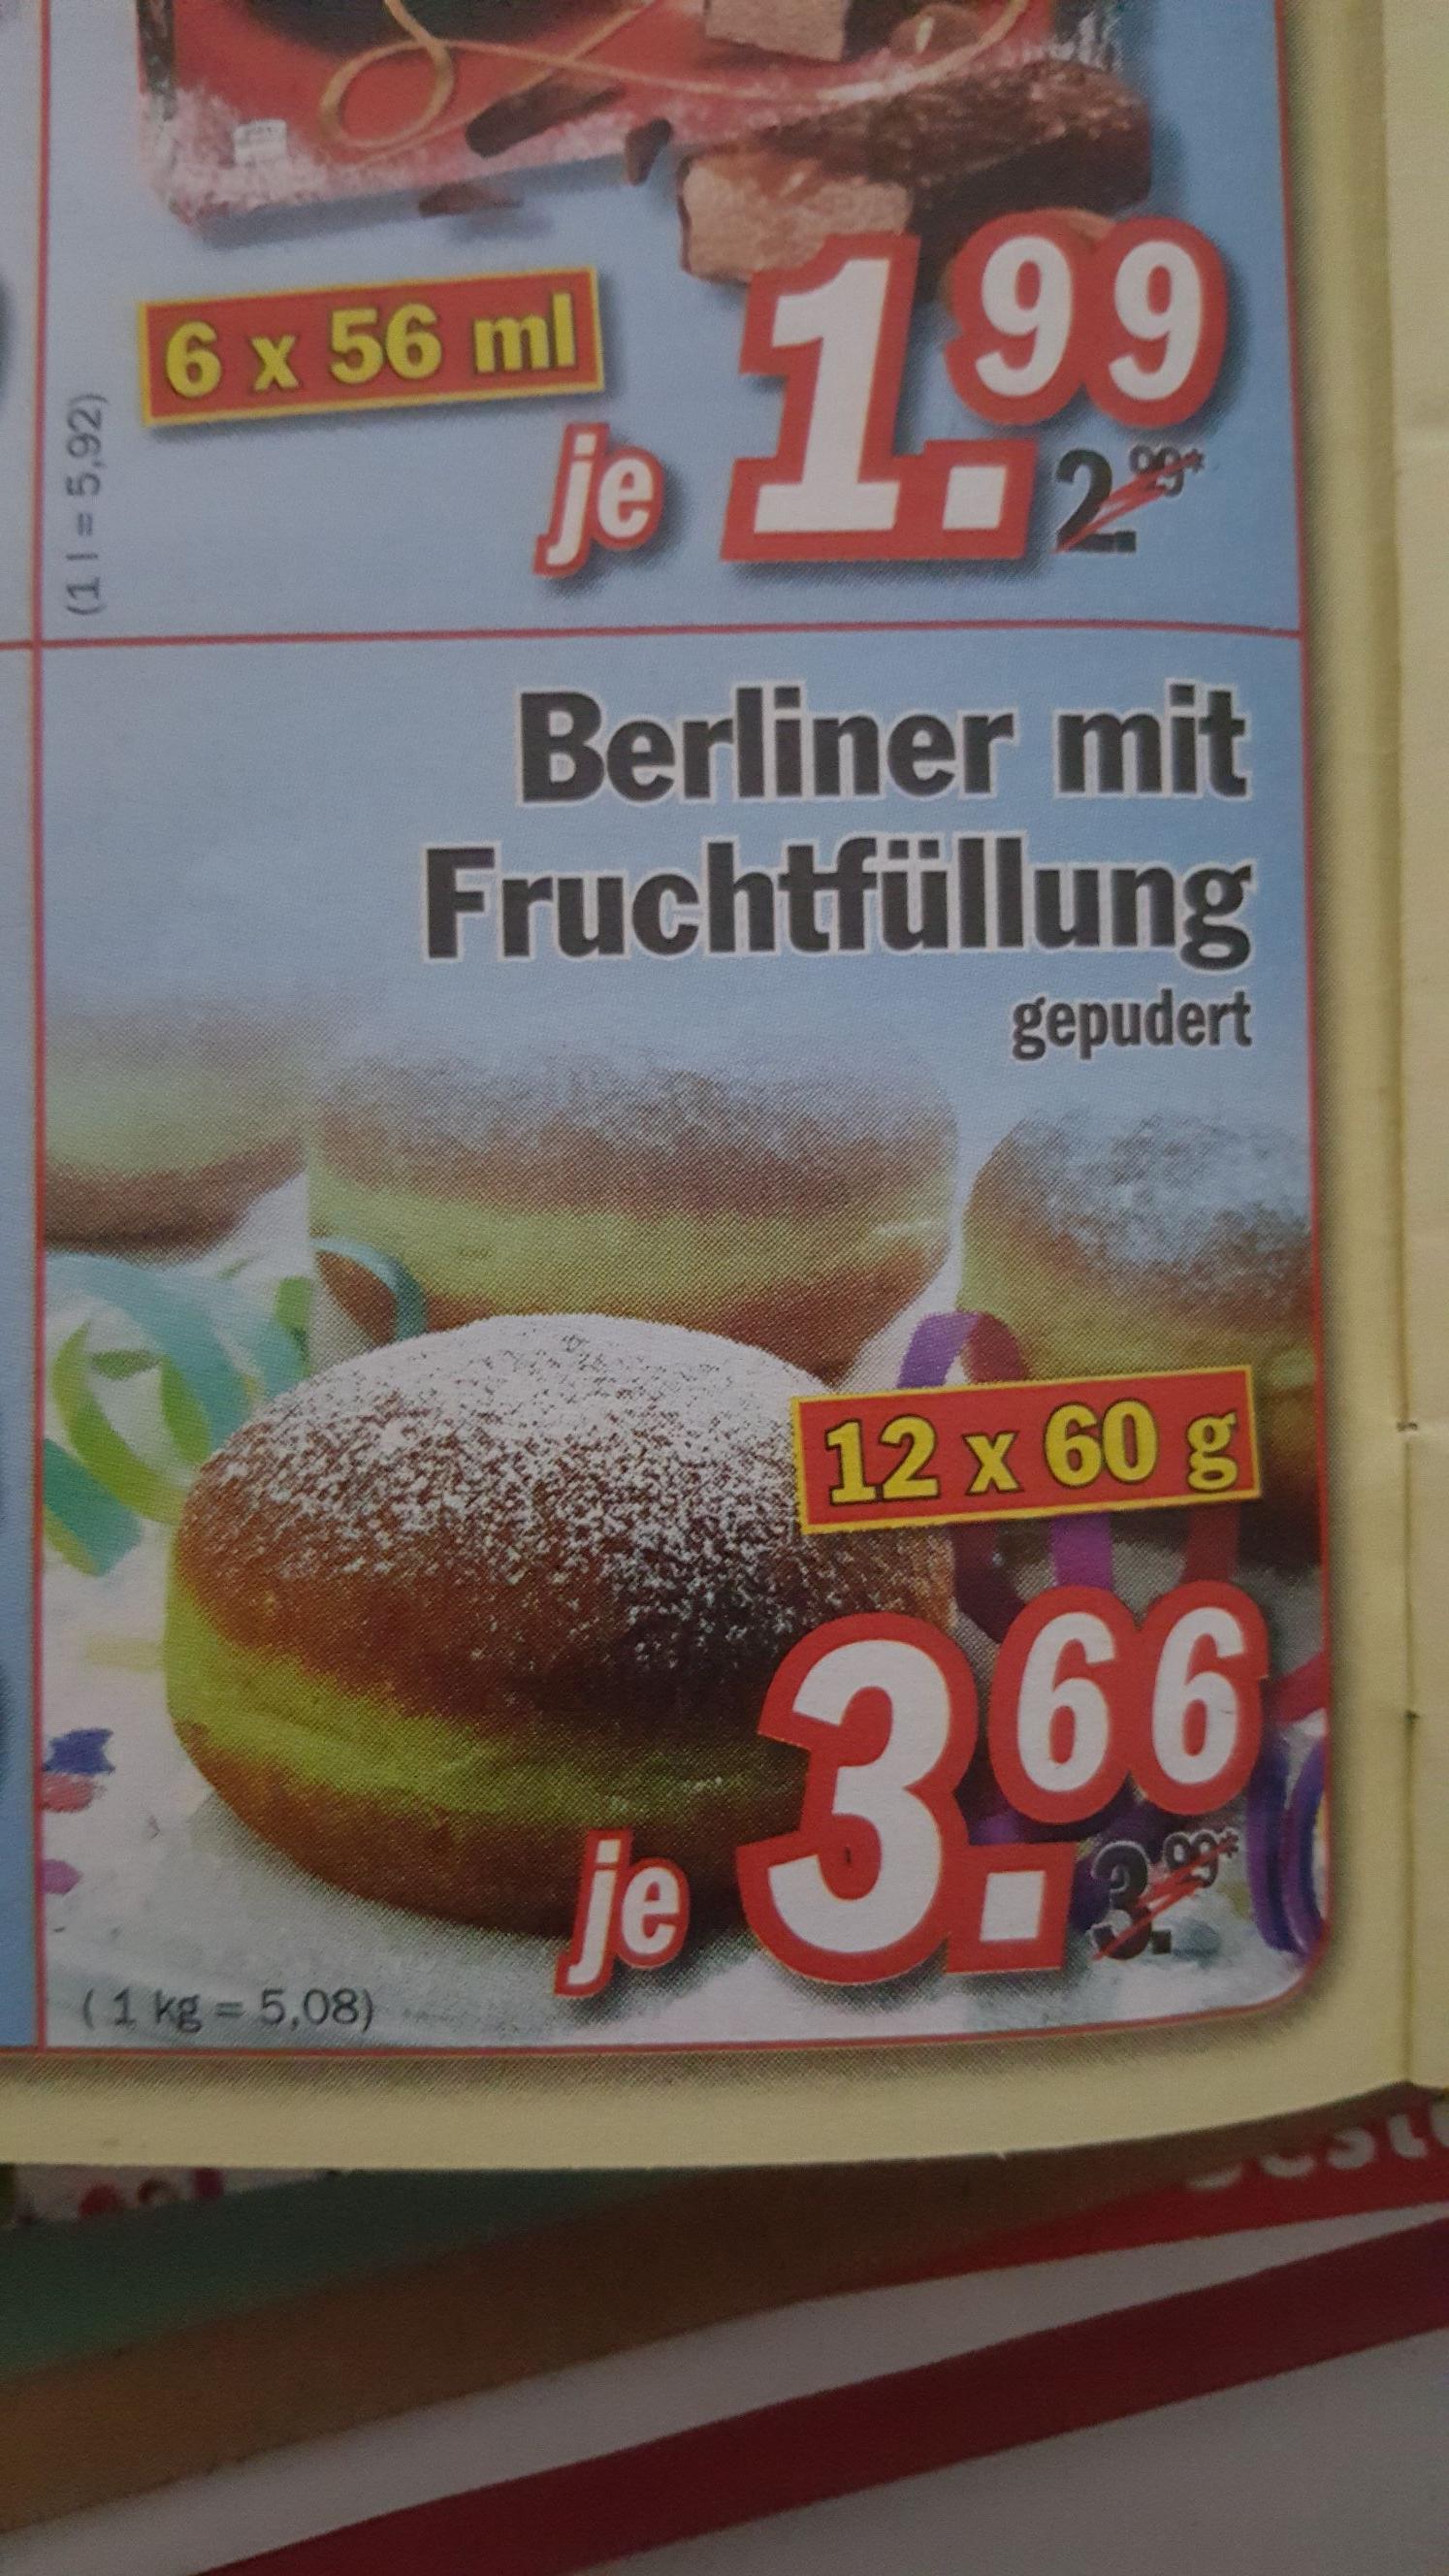 ( Zimmermann / offline ) 12 Berliner für 3.66 euro